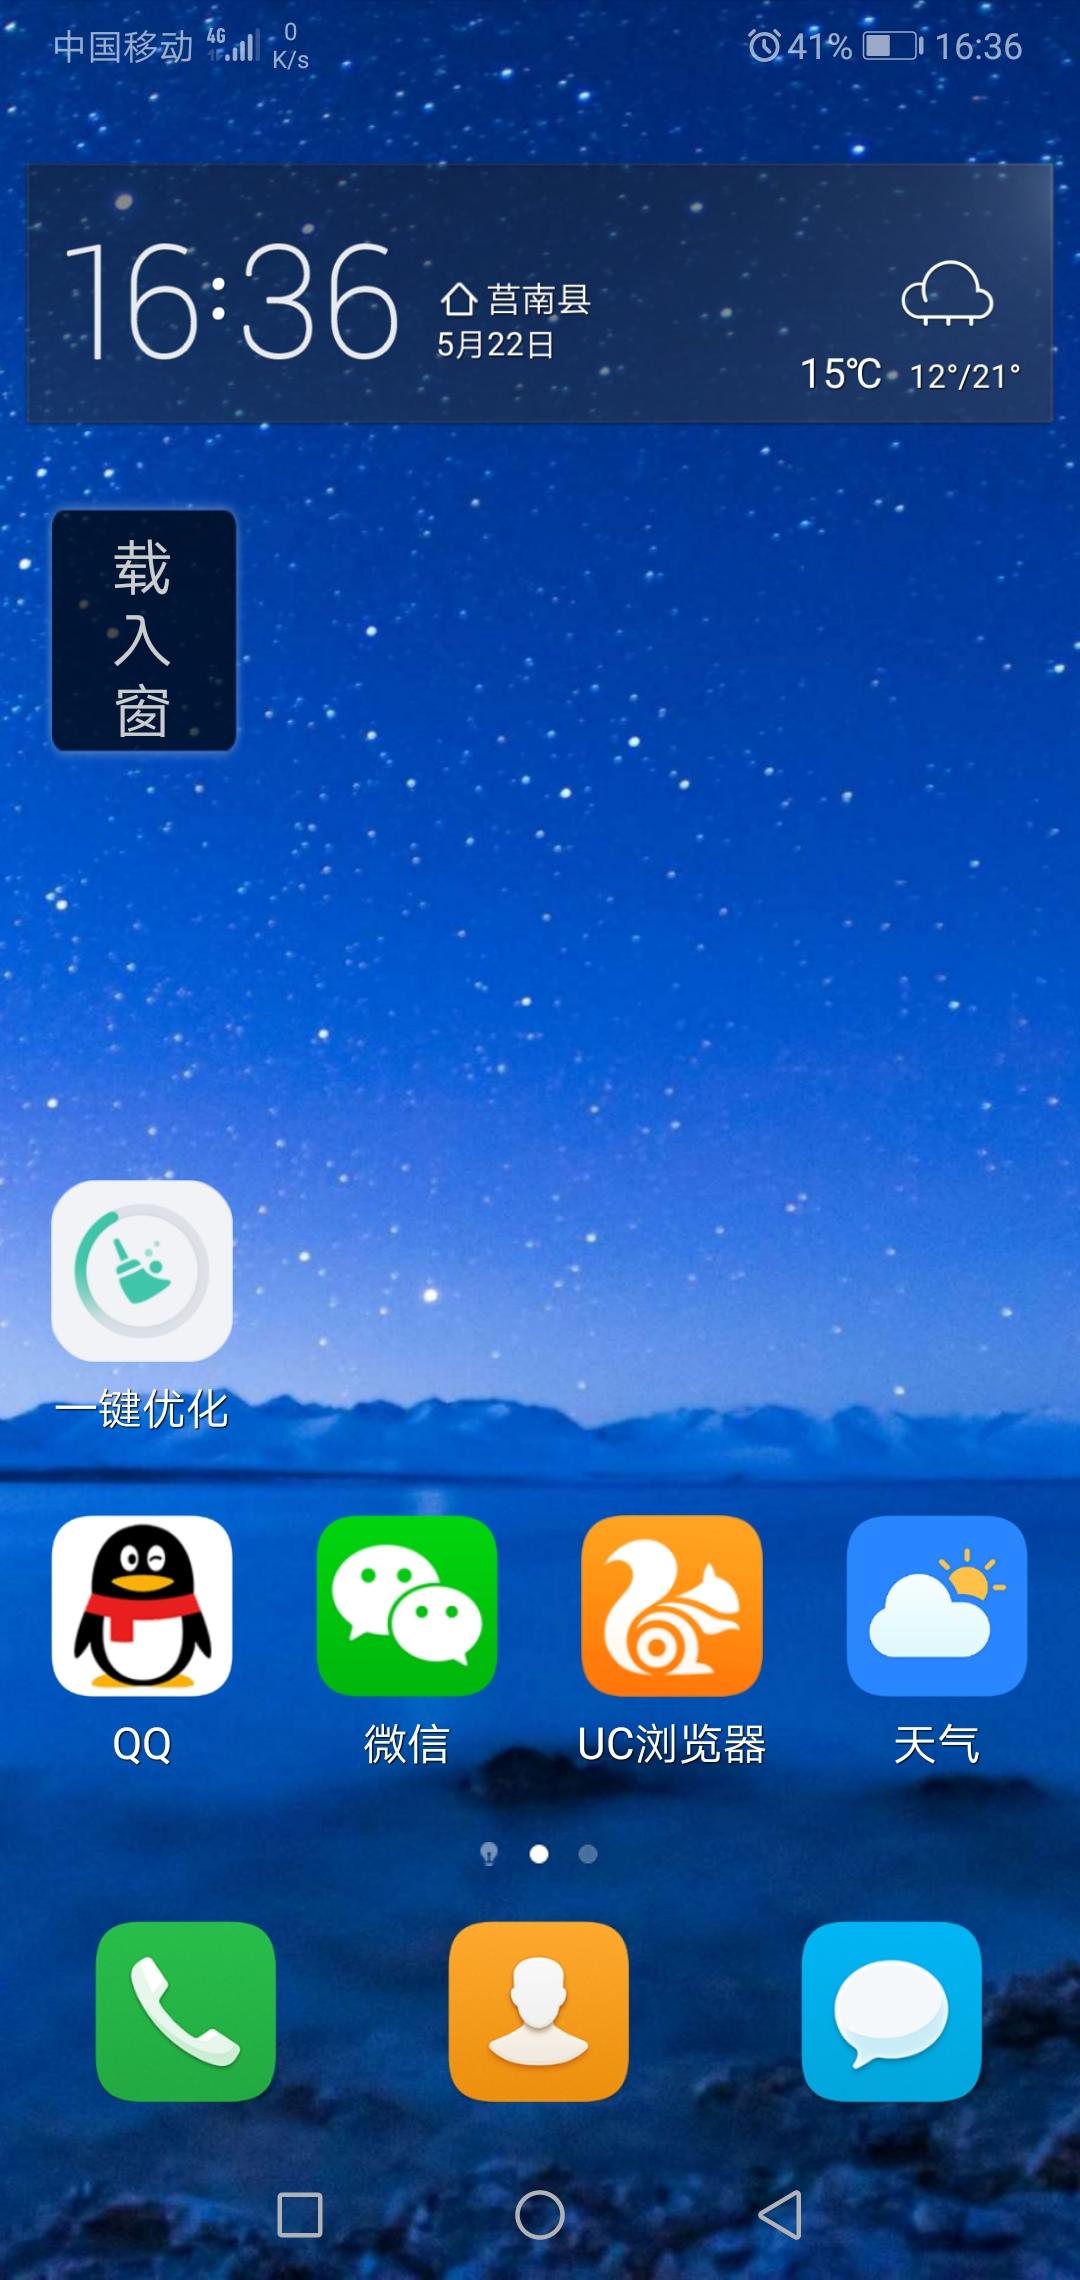 Screenshot_20180522-163603.jpg